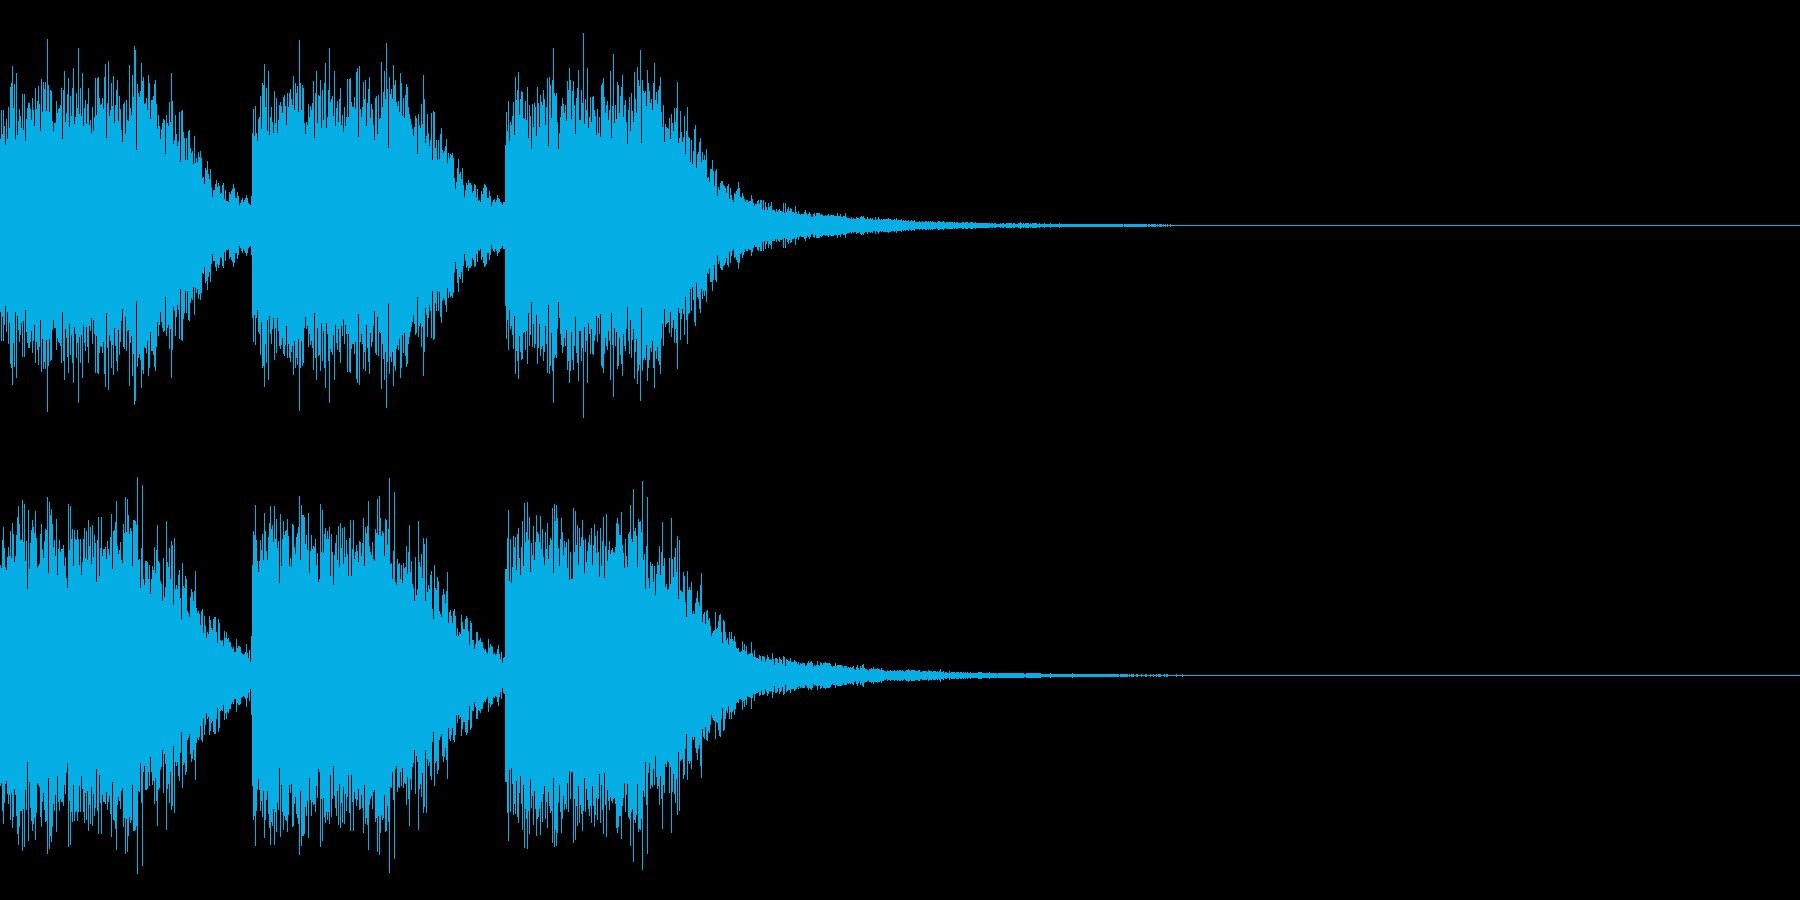 注意、警告音、警報の効果音です!09の再生済みの波形